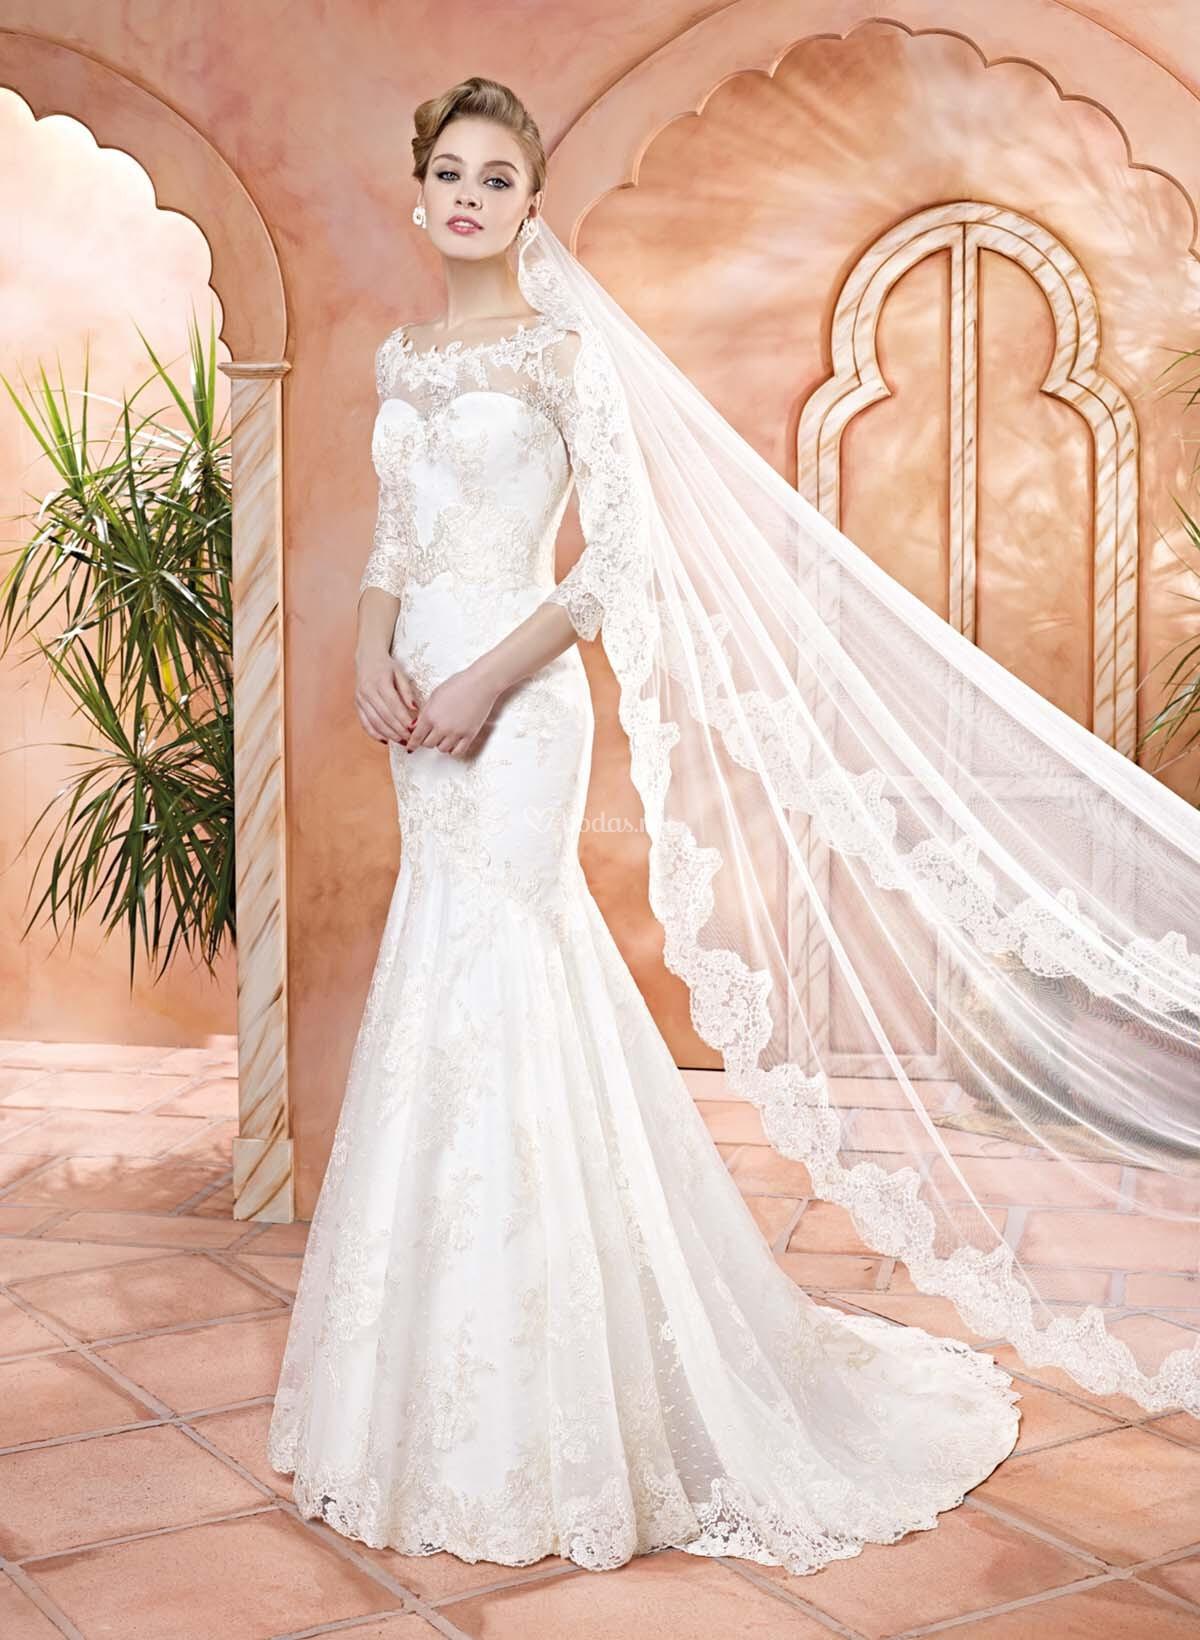 Vestidos de novia corte sirena p gina 13 - Colorazione sirena pagina sirena ...